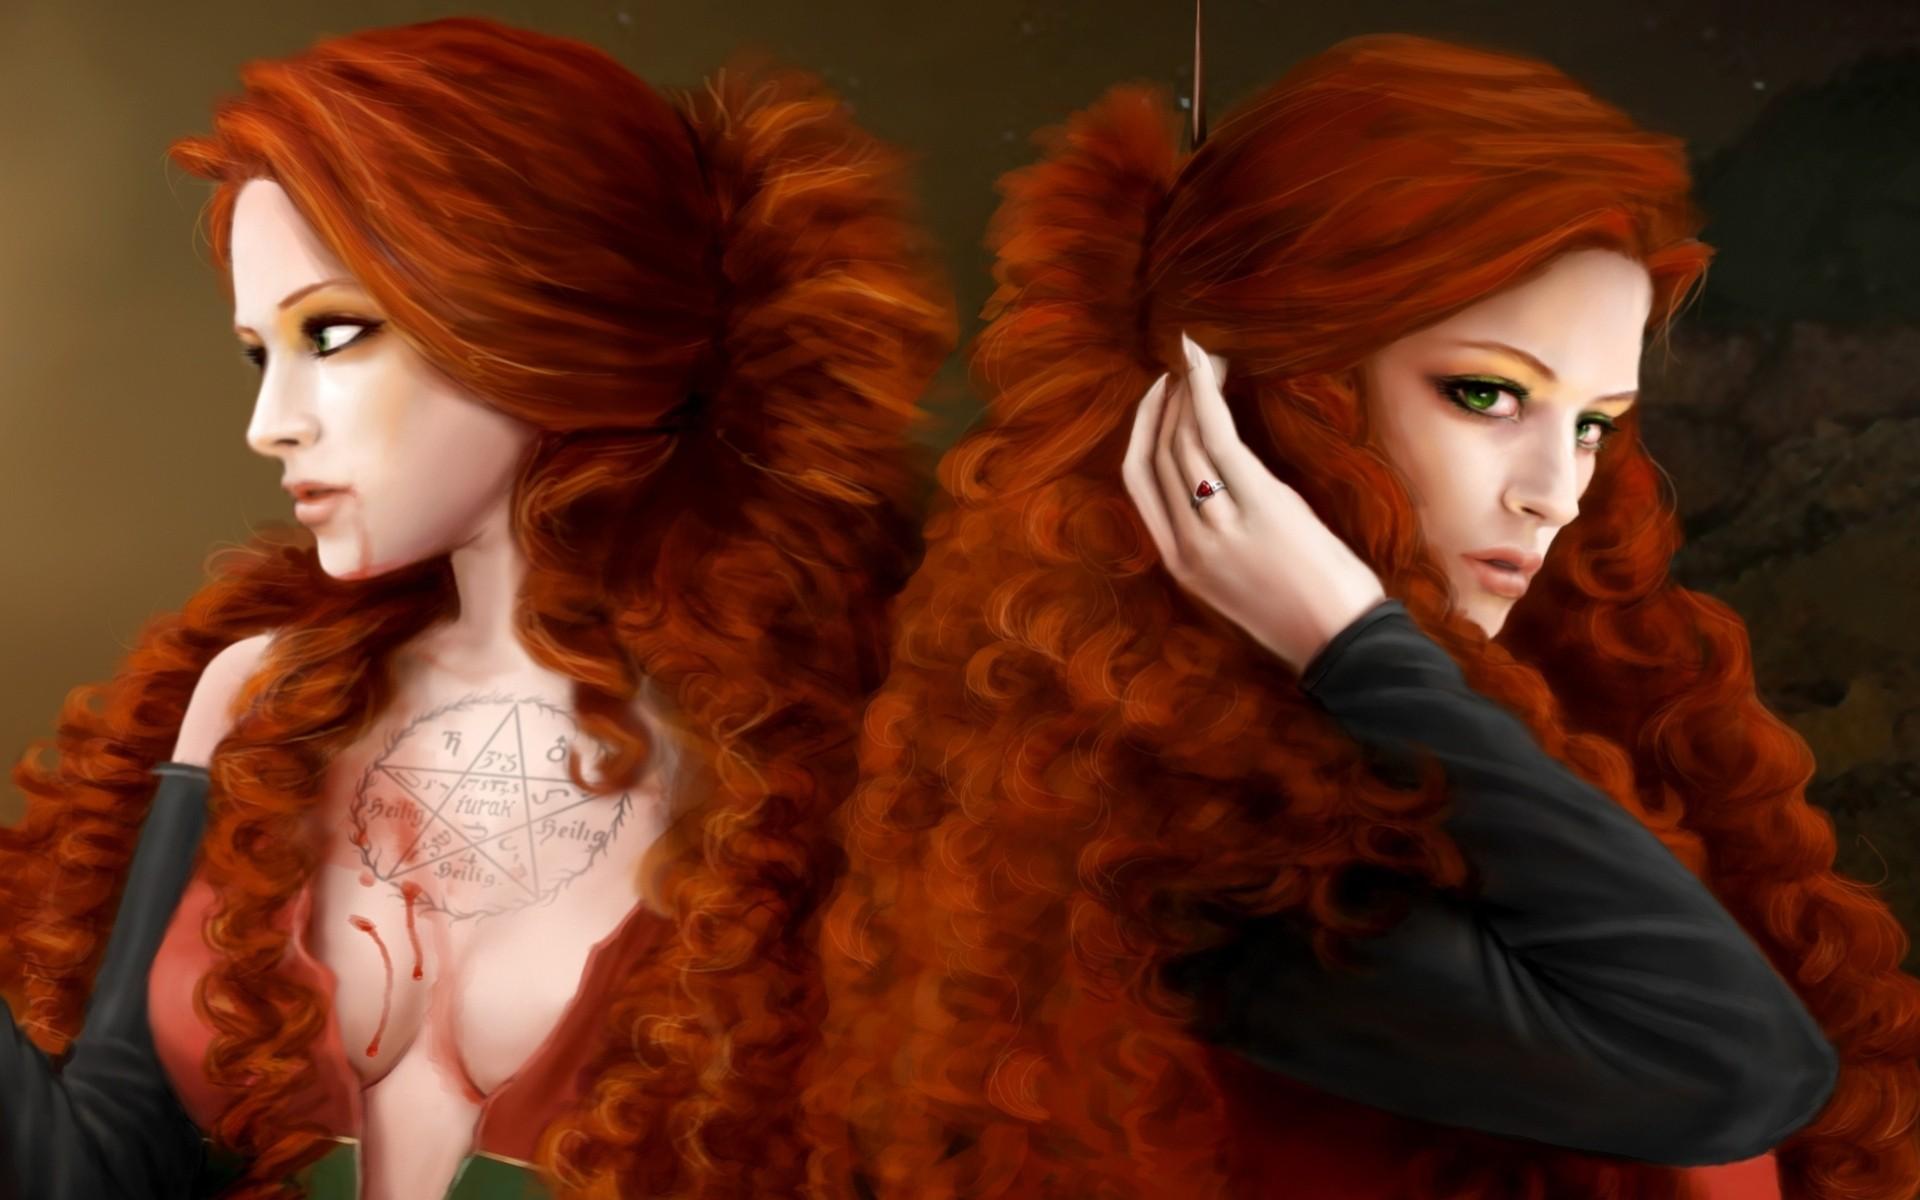 задумчивая девушка с огненно-рыжими волосами  № 1947178 без смс